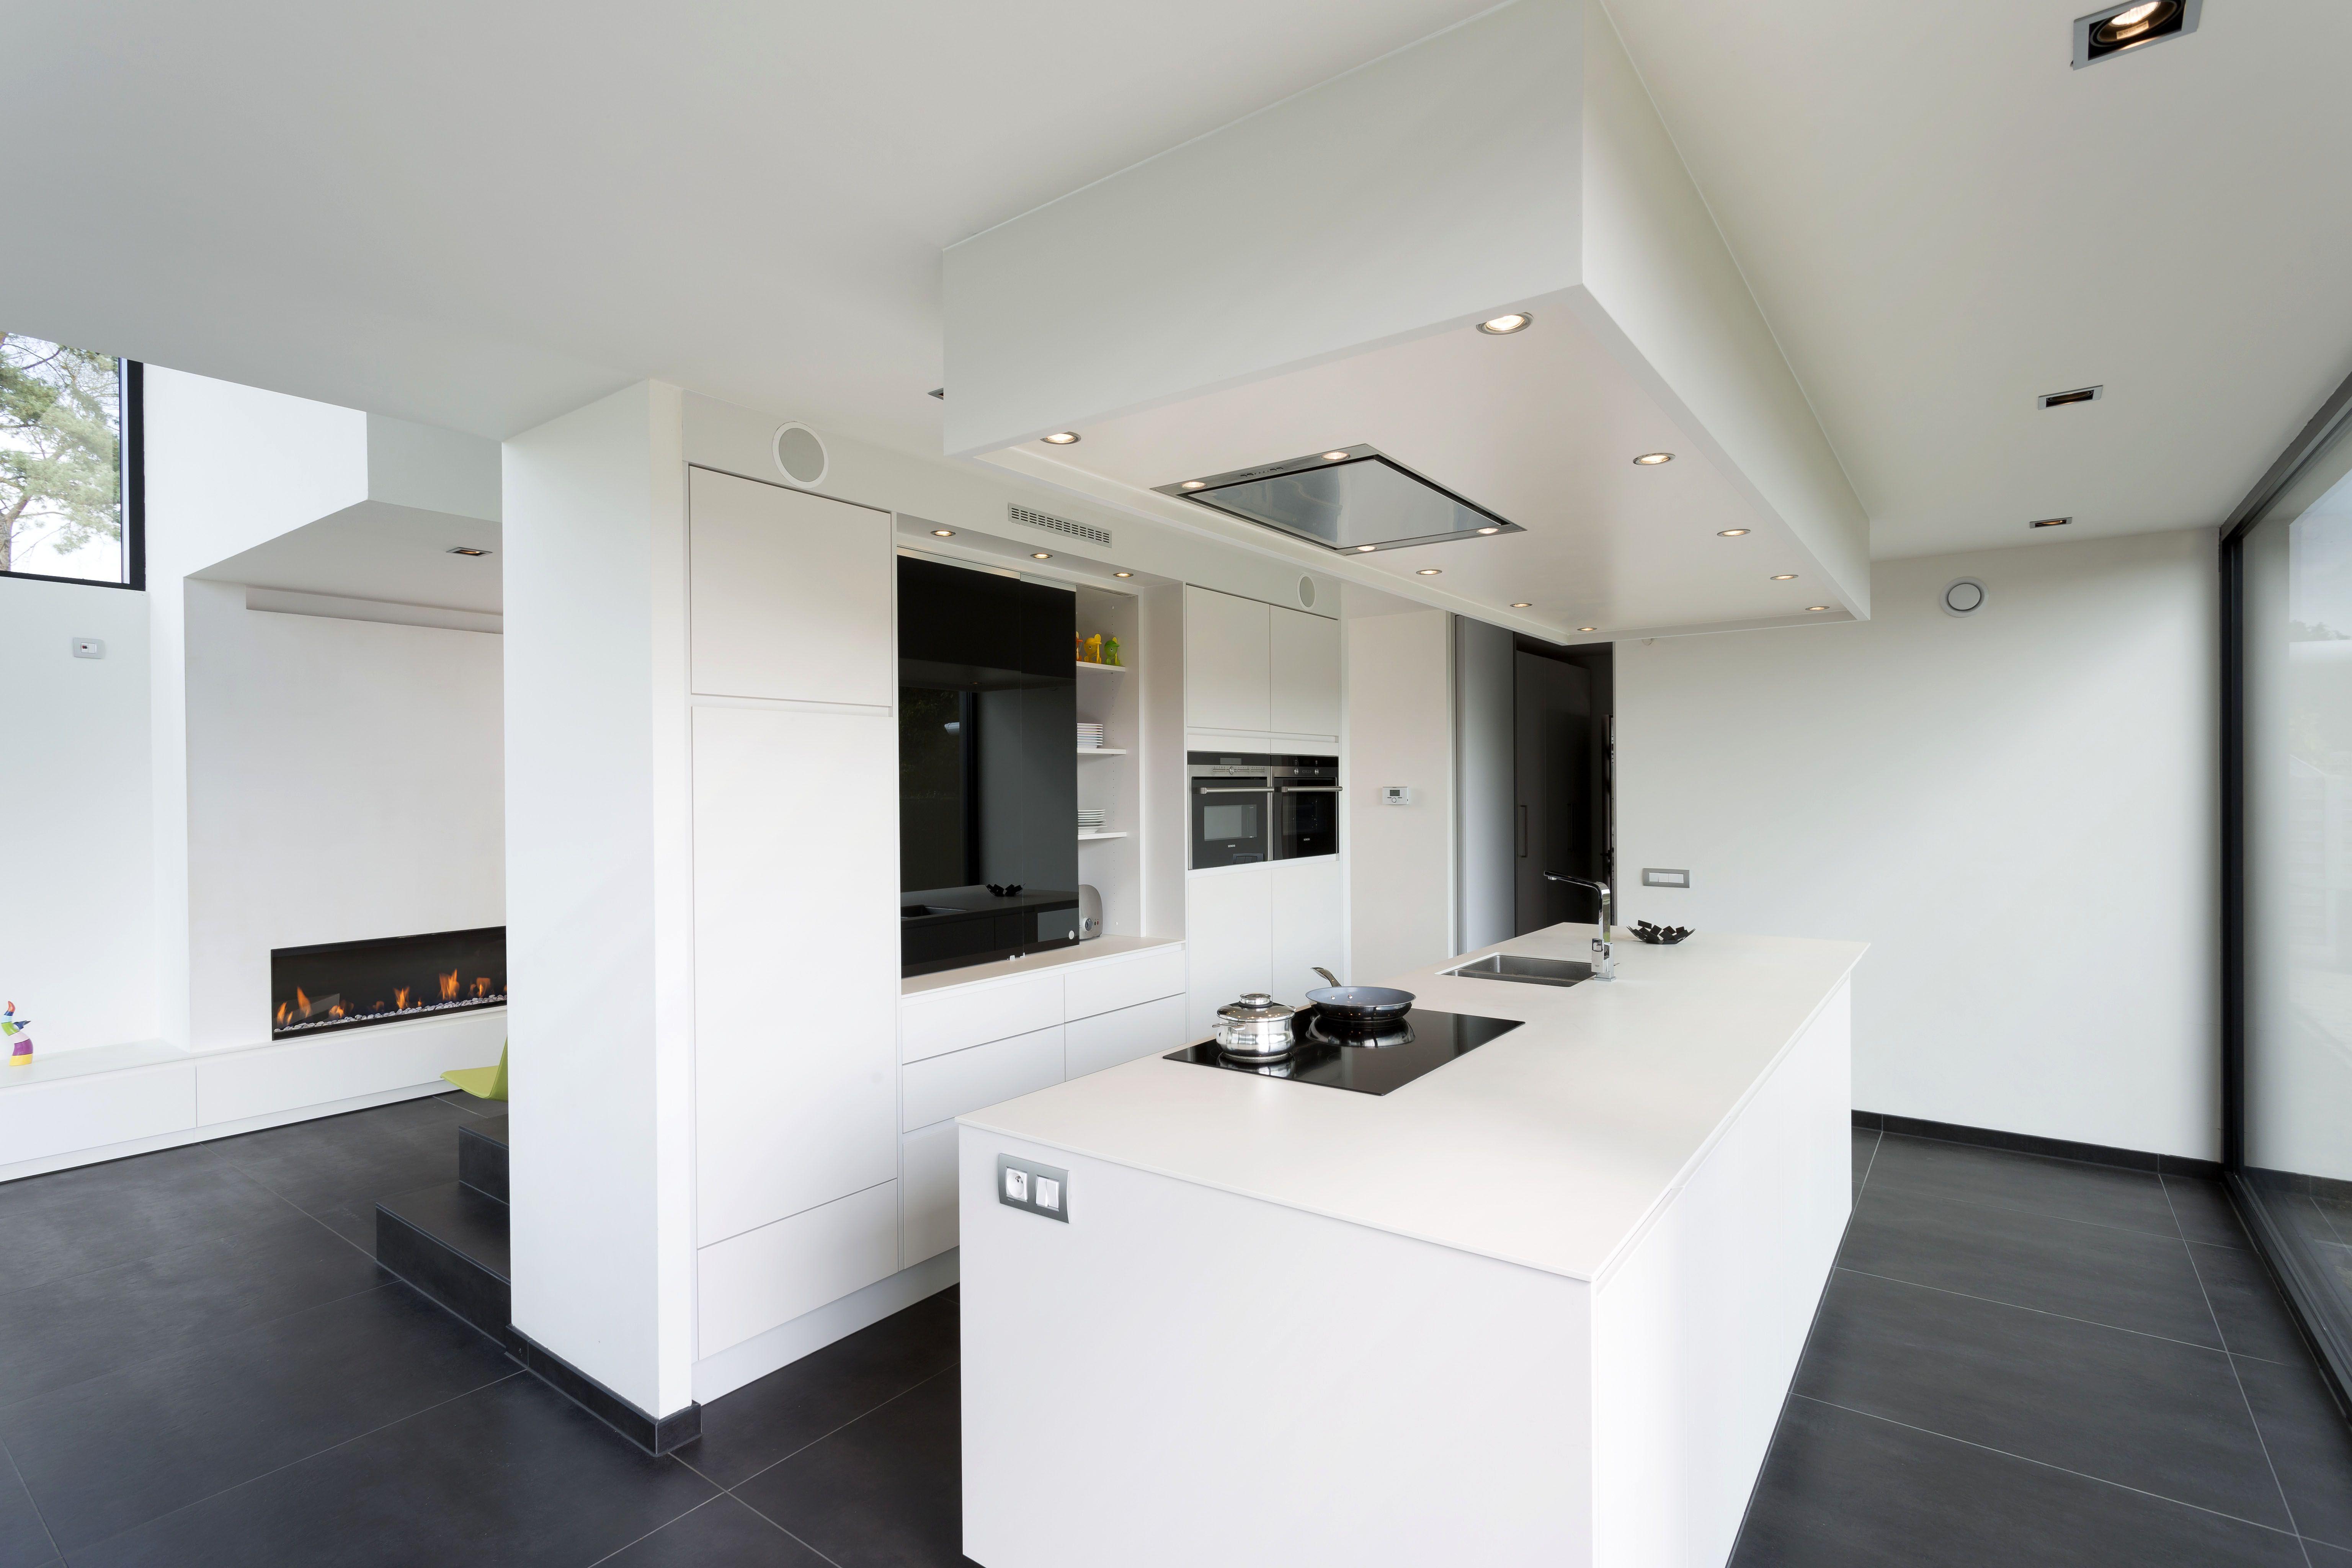 Moderne keuken moderne keukens pinterest moderne keukens keukens en keuken for Moderne keuken ideeen